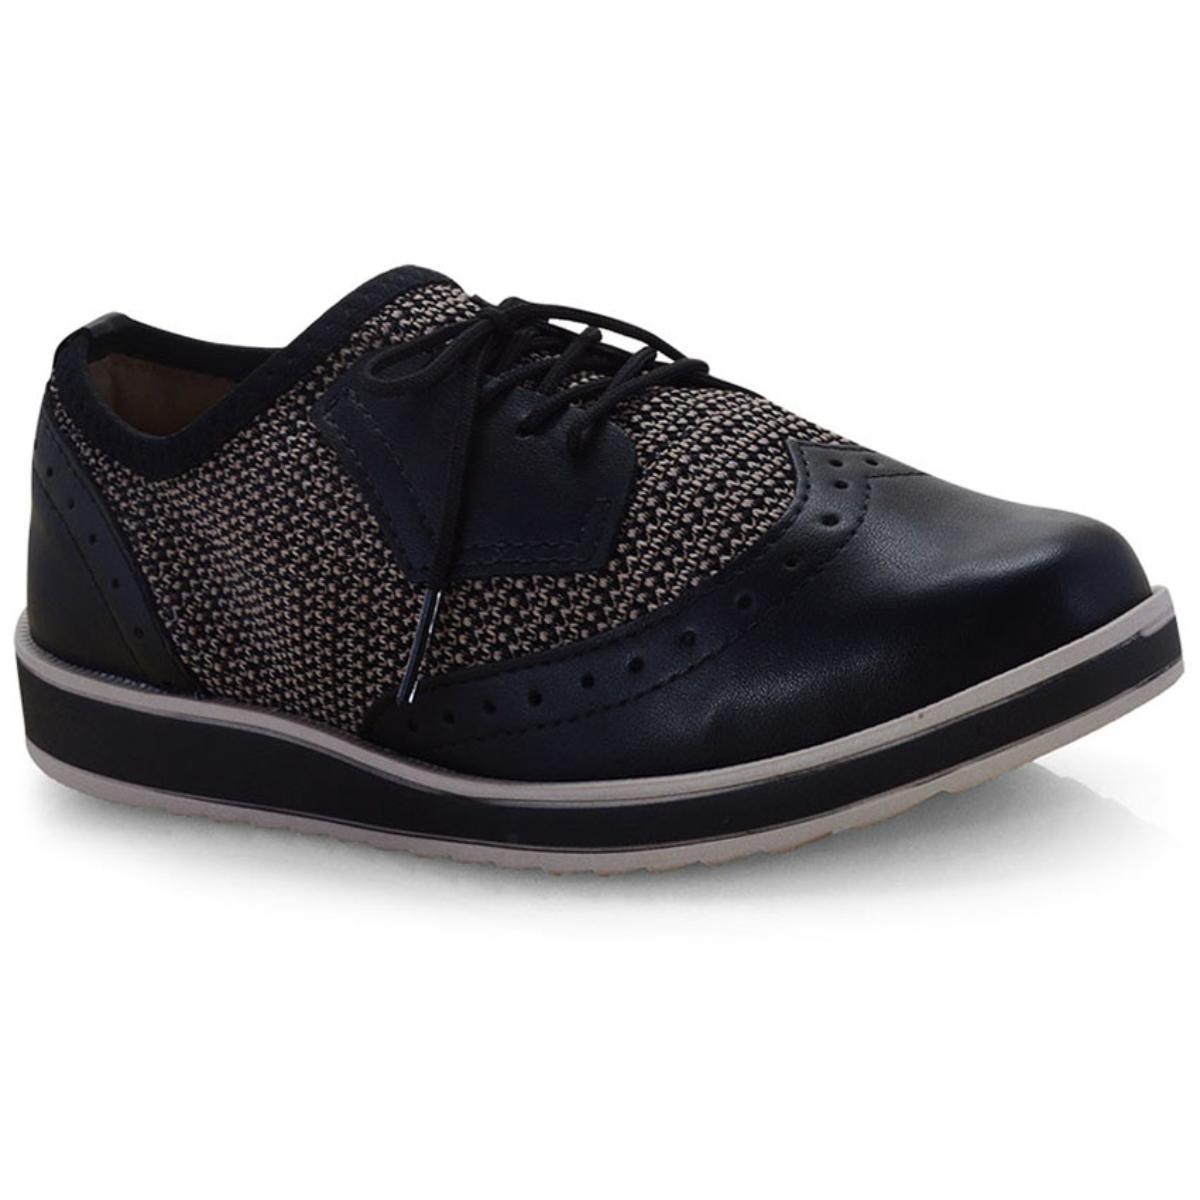 Sapato Feminino Dakota G1141 Preto/bege